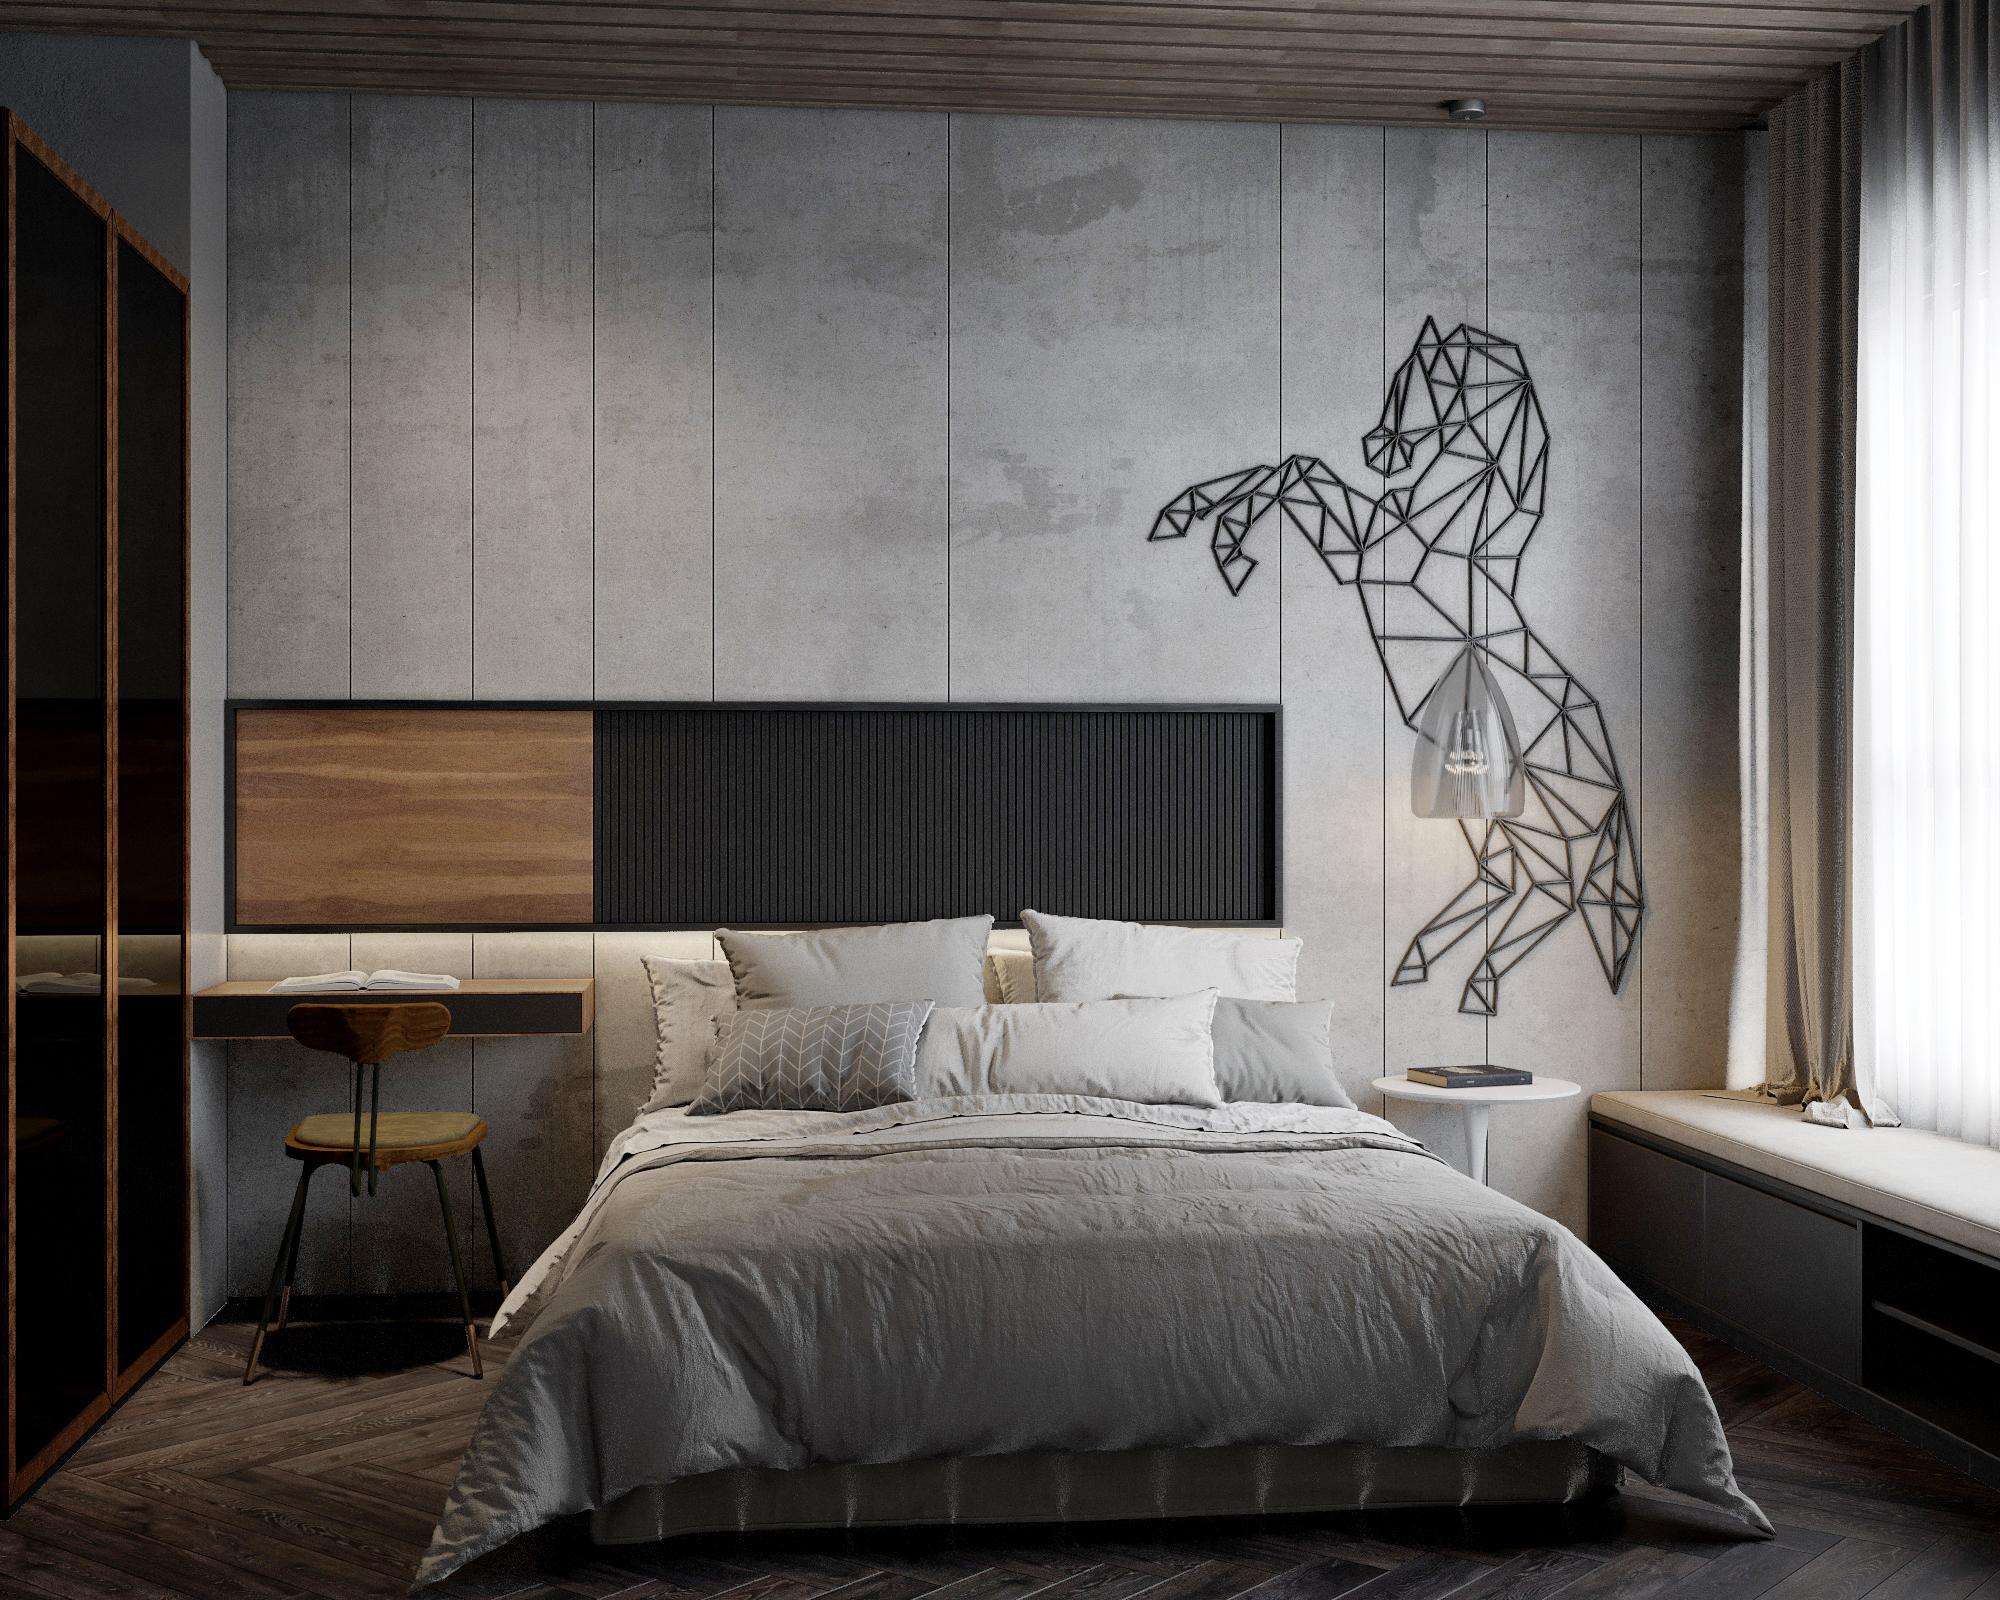 phòng ngủ được thiết kế nội thất theo phong cách công nghiệp